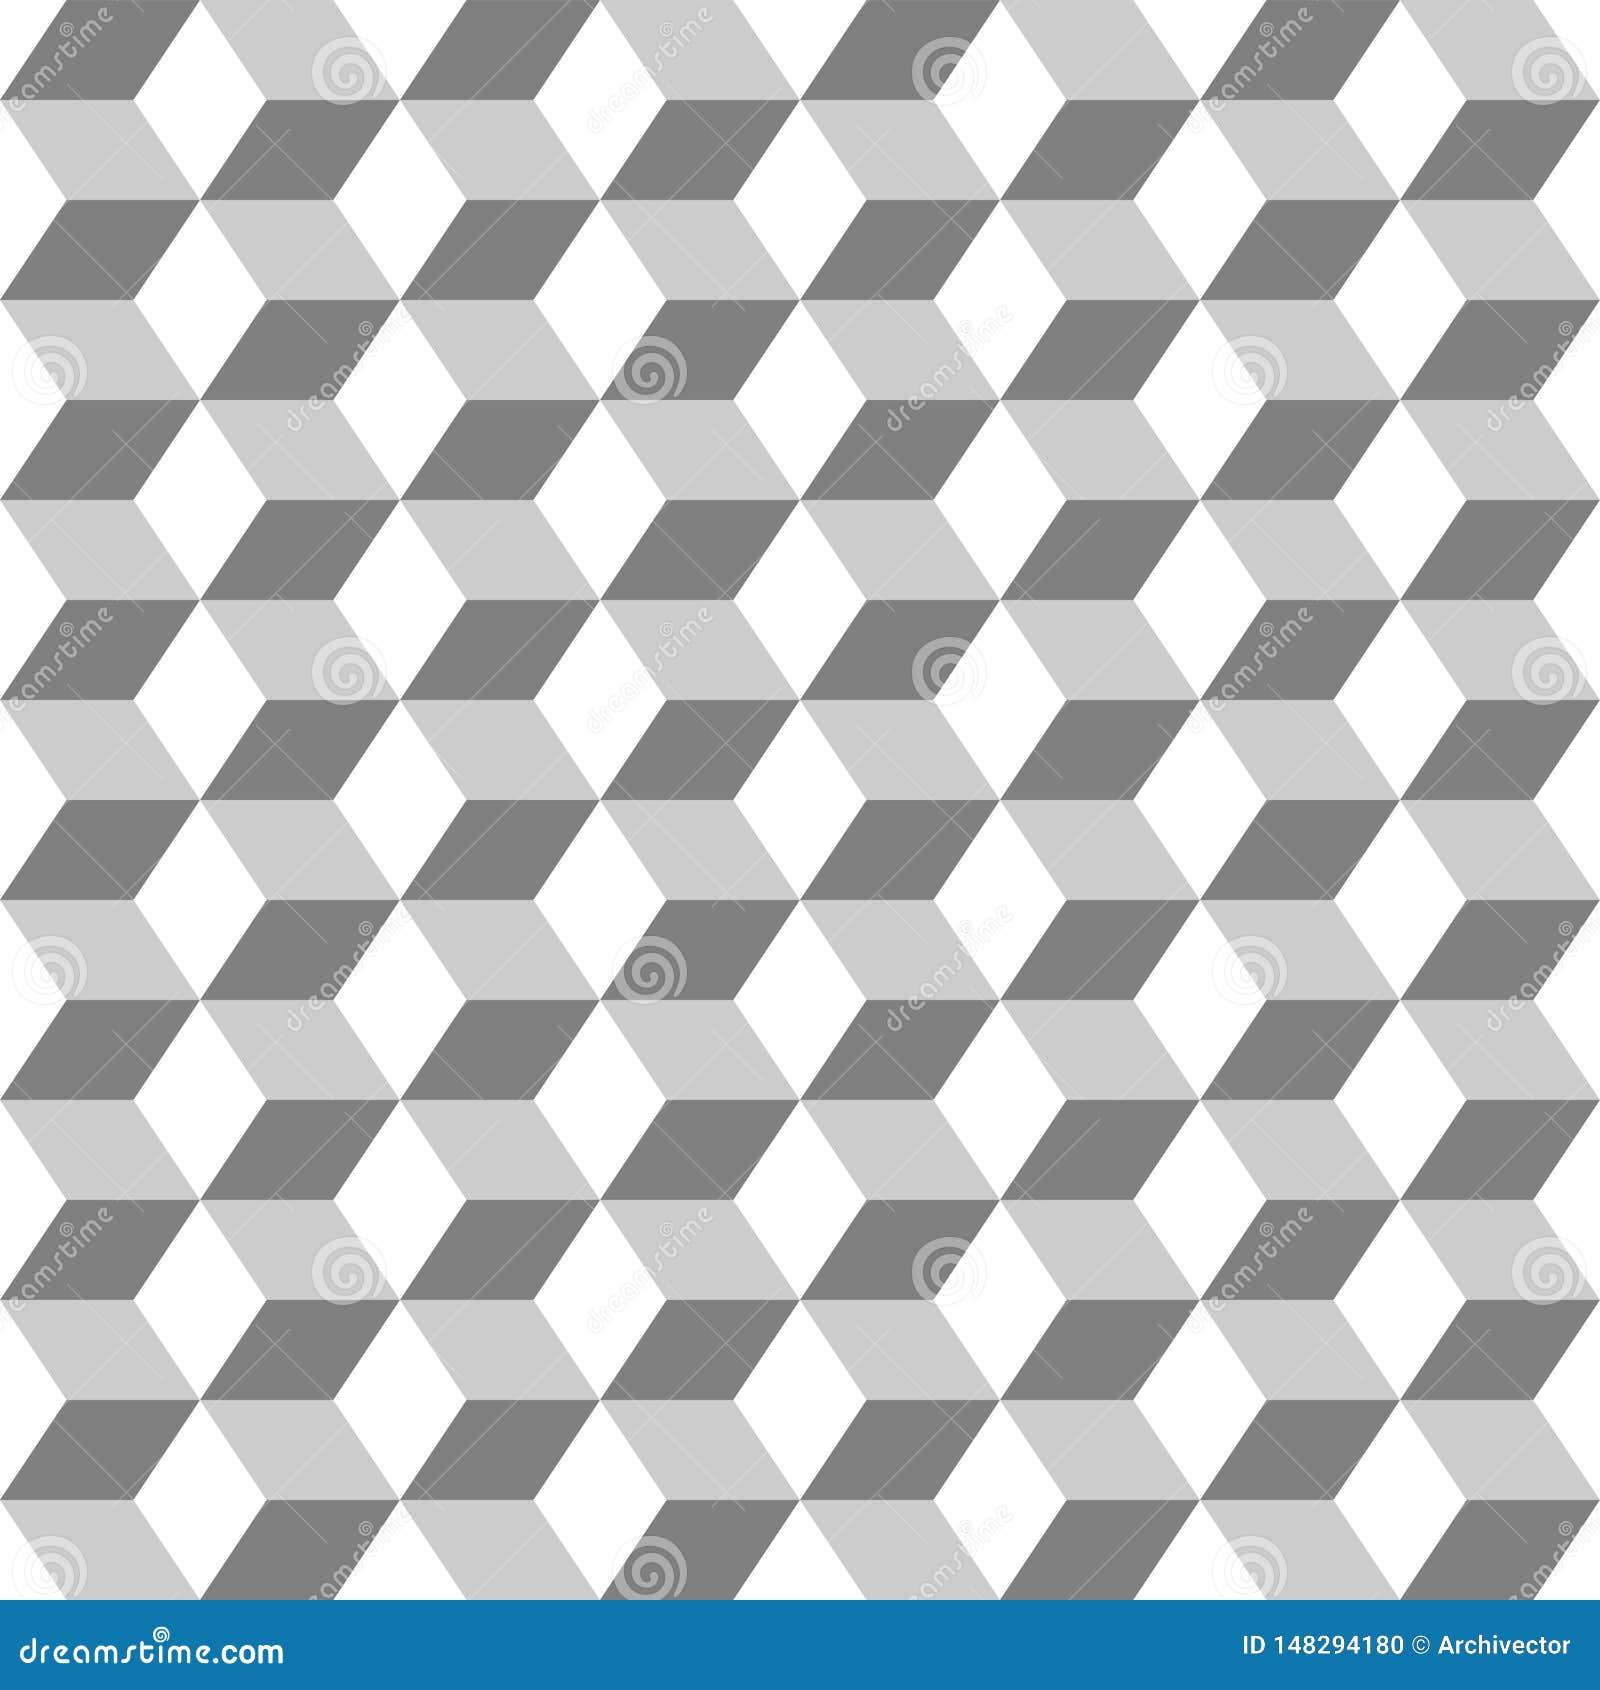 Siatka od sześciokąta bezszwowego monochromatycznego tła